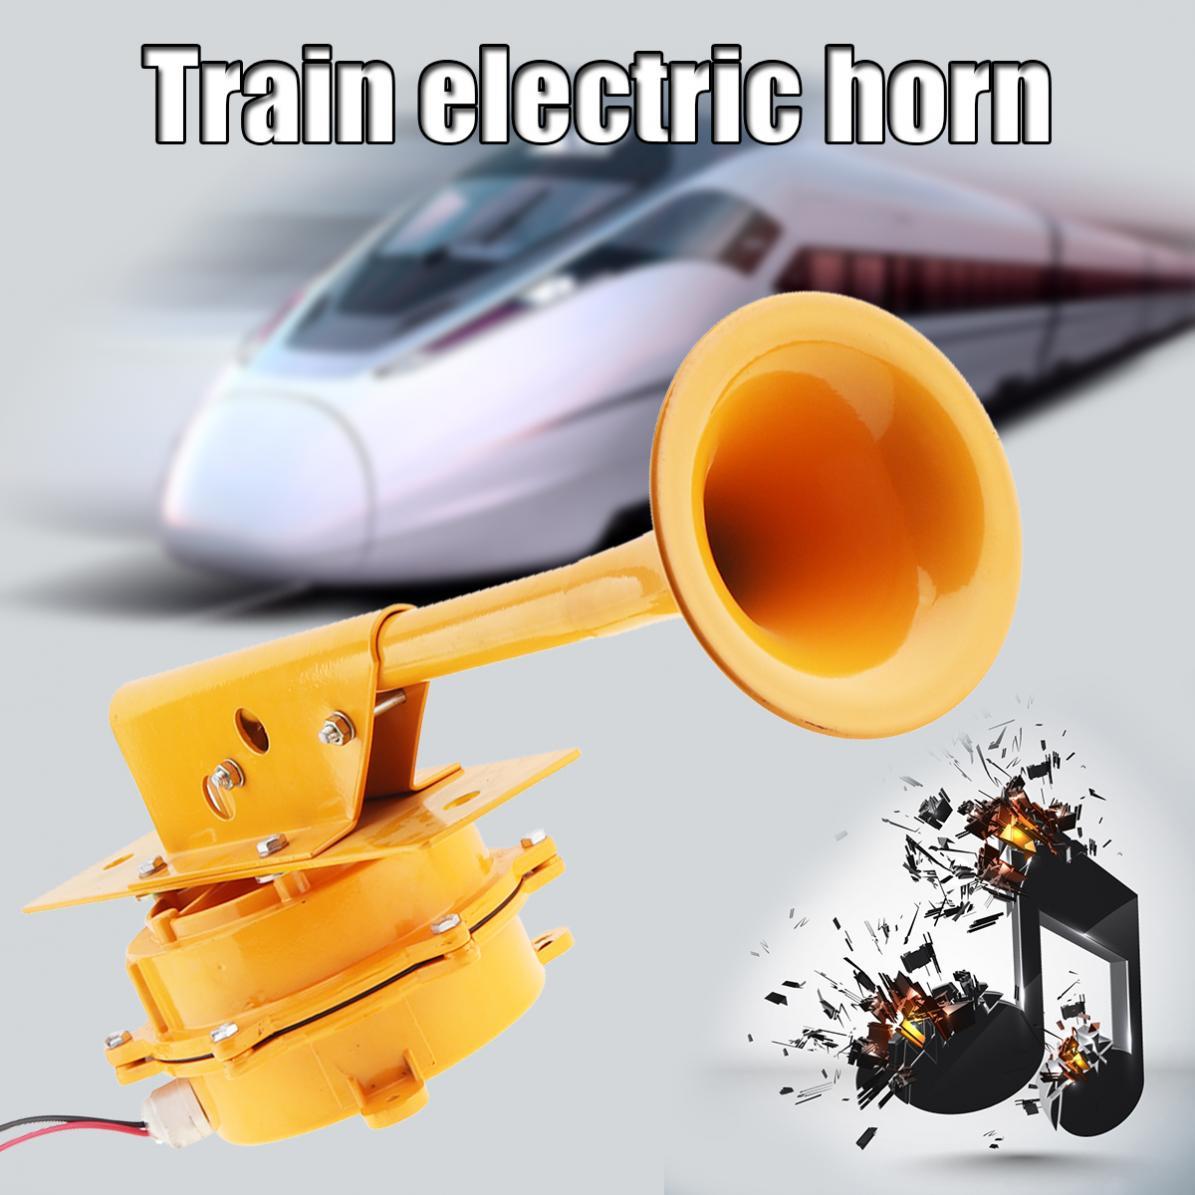 12 فولت/24 فولت 1280DB سوبر بصوت عال جميع المعادن قطار القرن لا حاجة ضاغط لشاحنة قارب قطار شاحنة مركبة